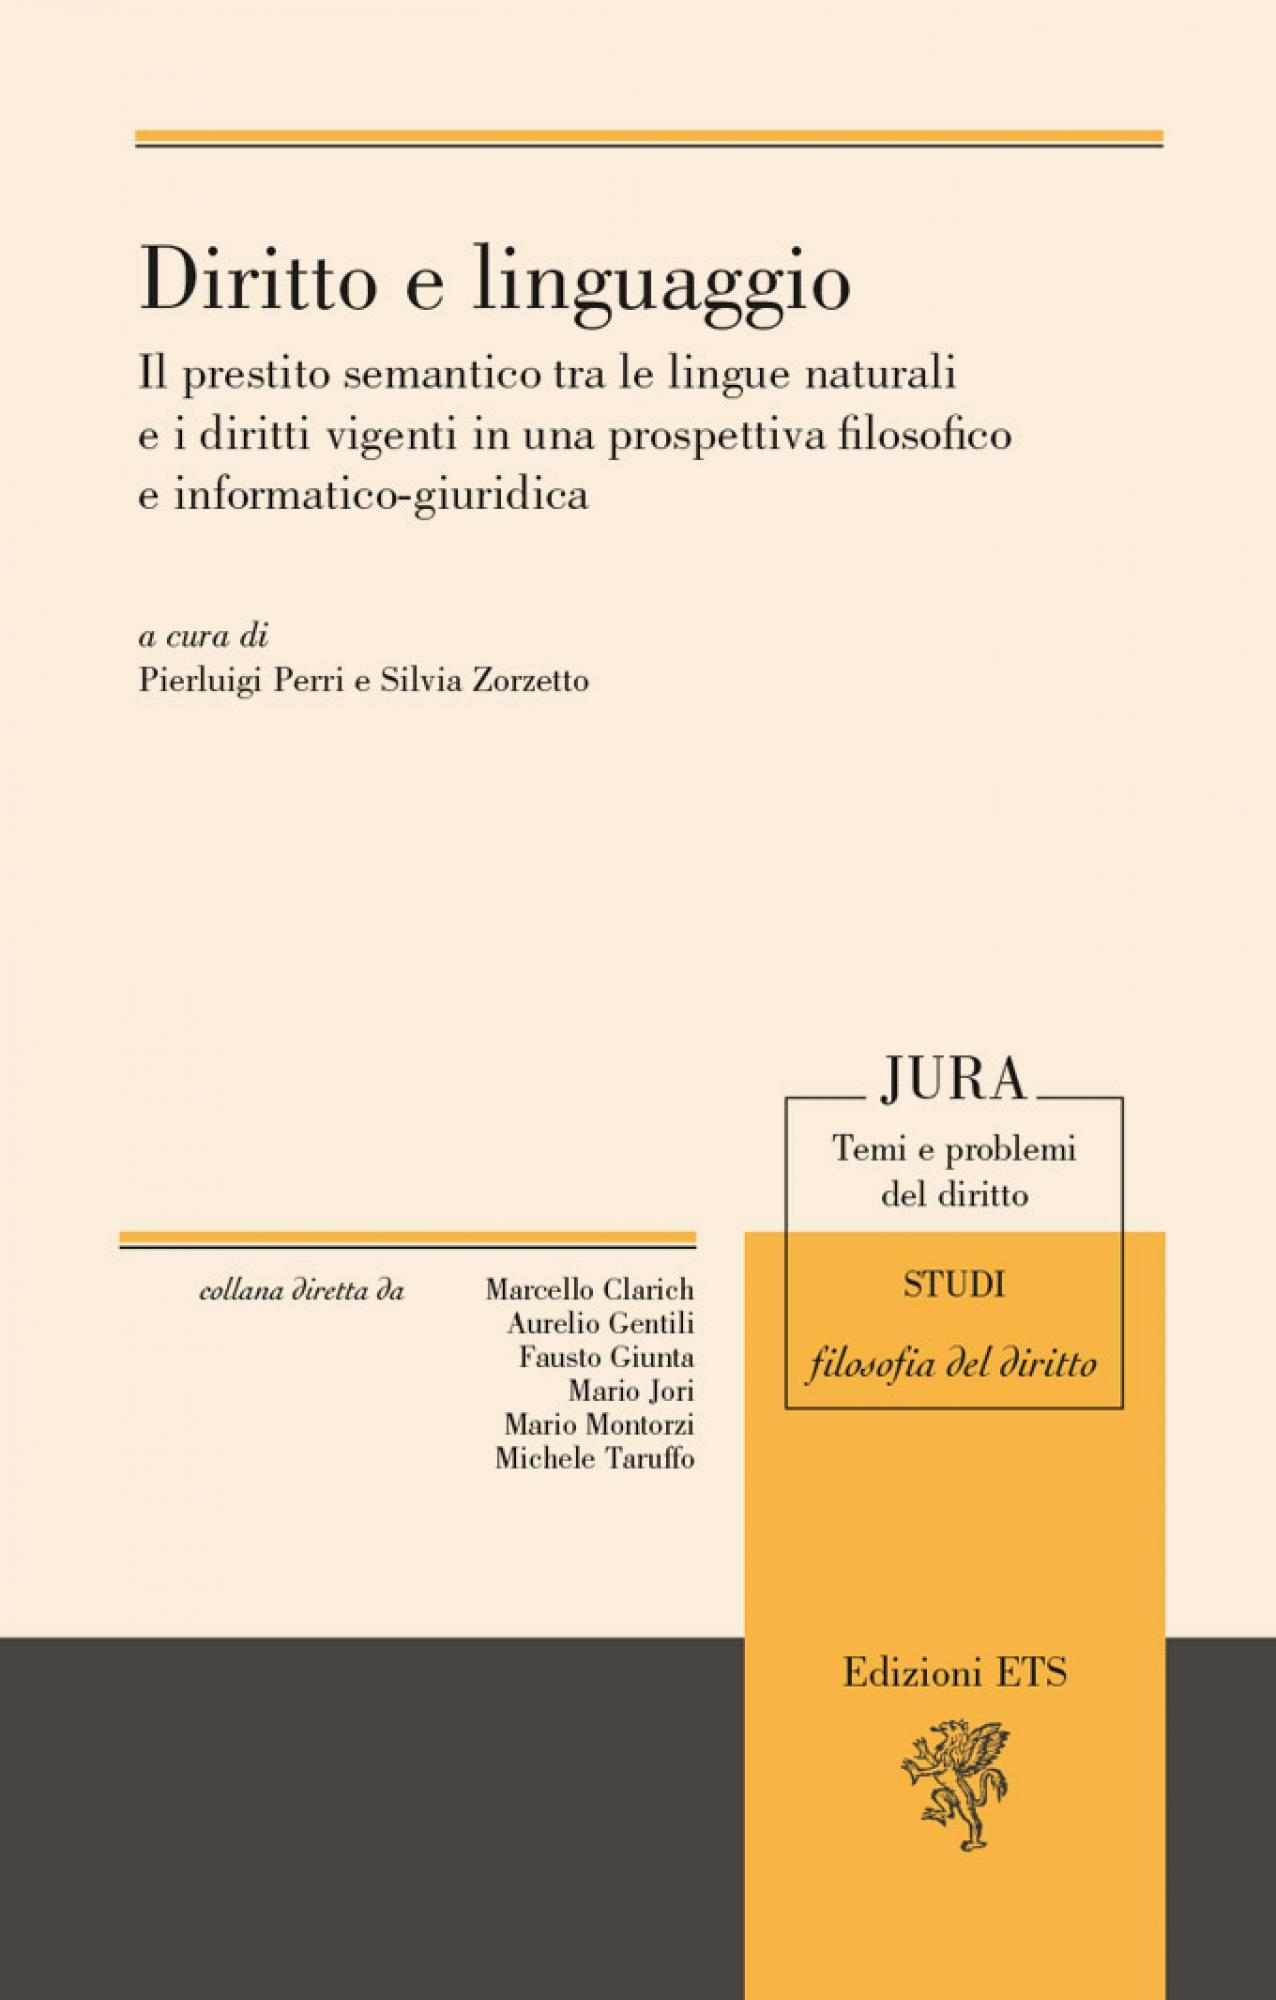 Diritto e linguaggio.Il prestito semantico tra le lingue naturali e i diritti vigenti in una prospettiva filosofico e informatico-giuridica